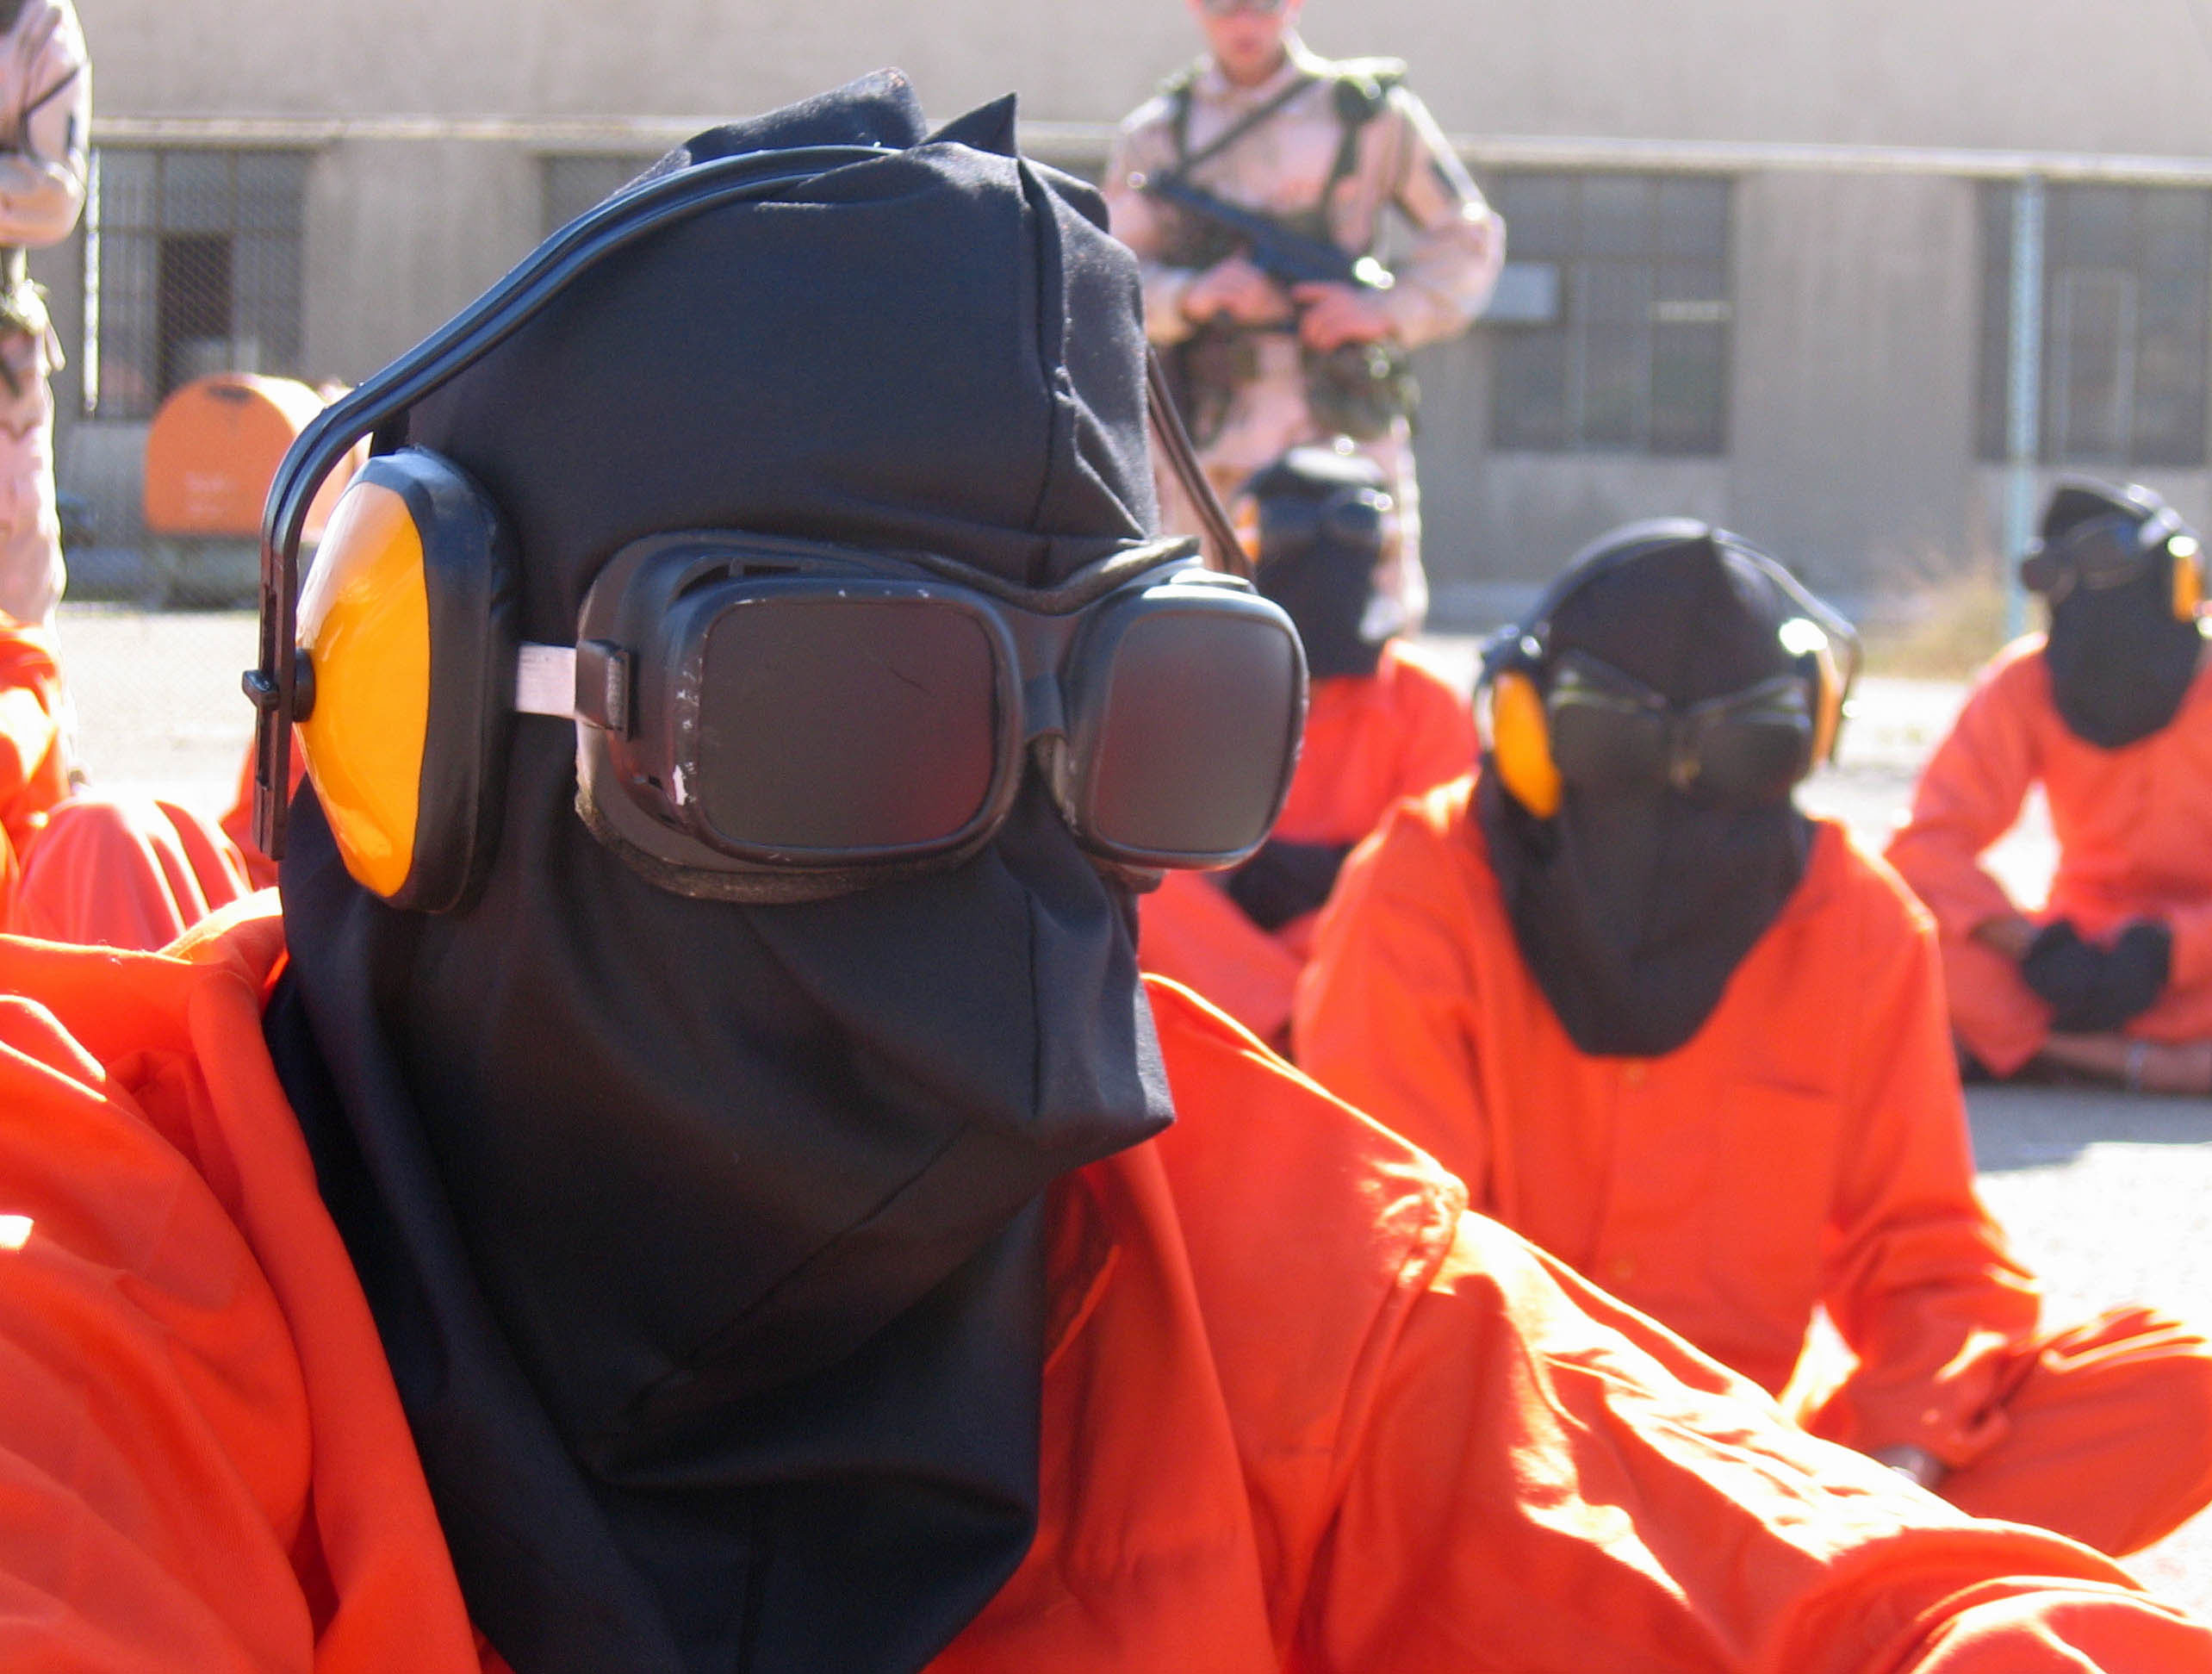 #EEUU: ¿Qué opina Sanders de Guantánamo?